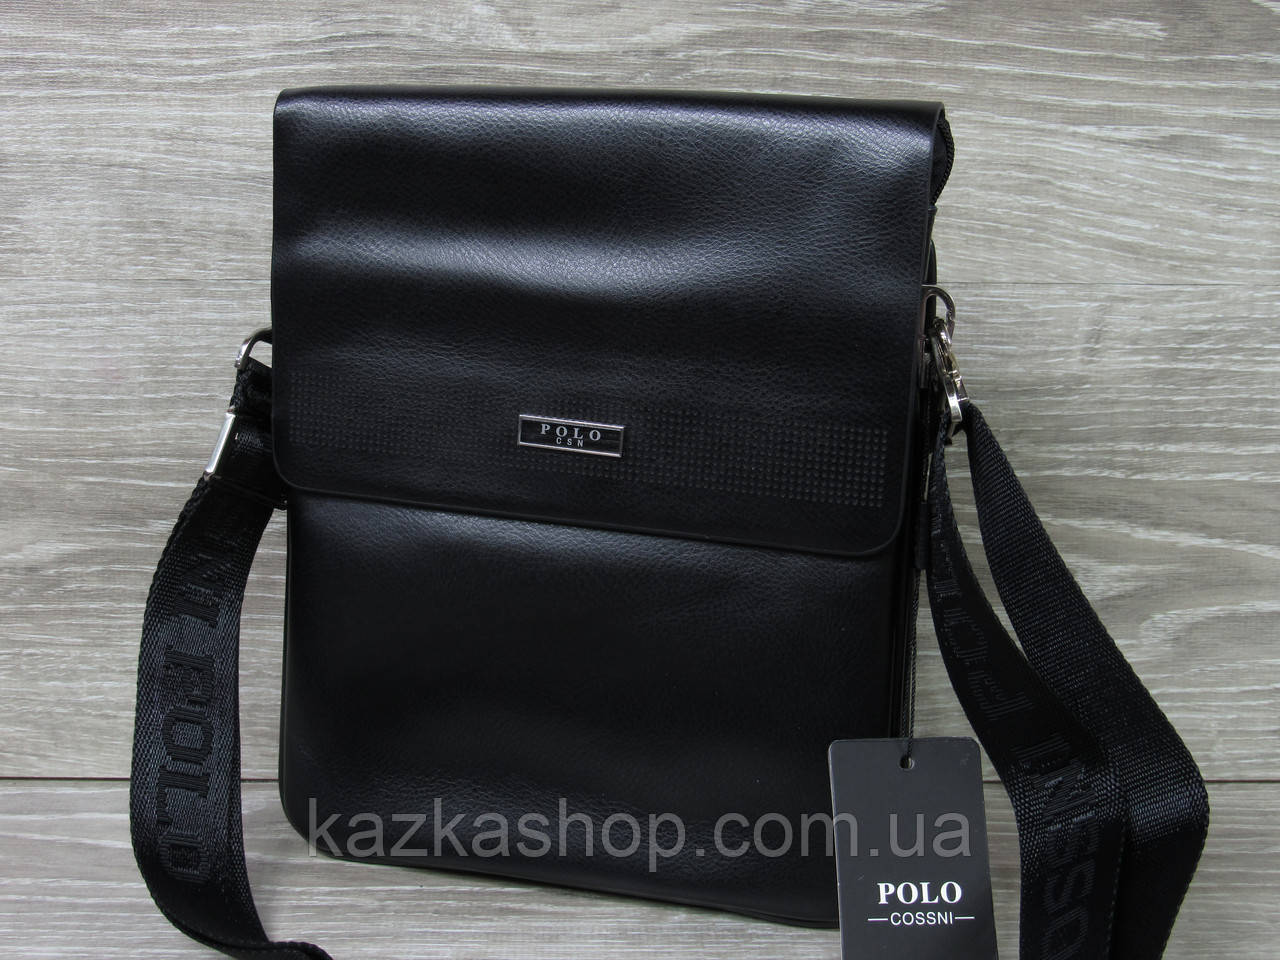 Мужская сумка через плечо черного цвета из искусственной кожи, несколько отделов, с клапаном 22х27 см